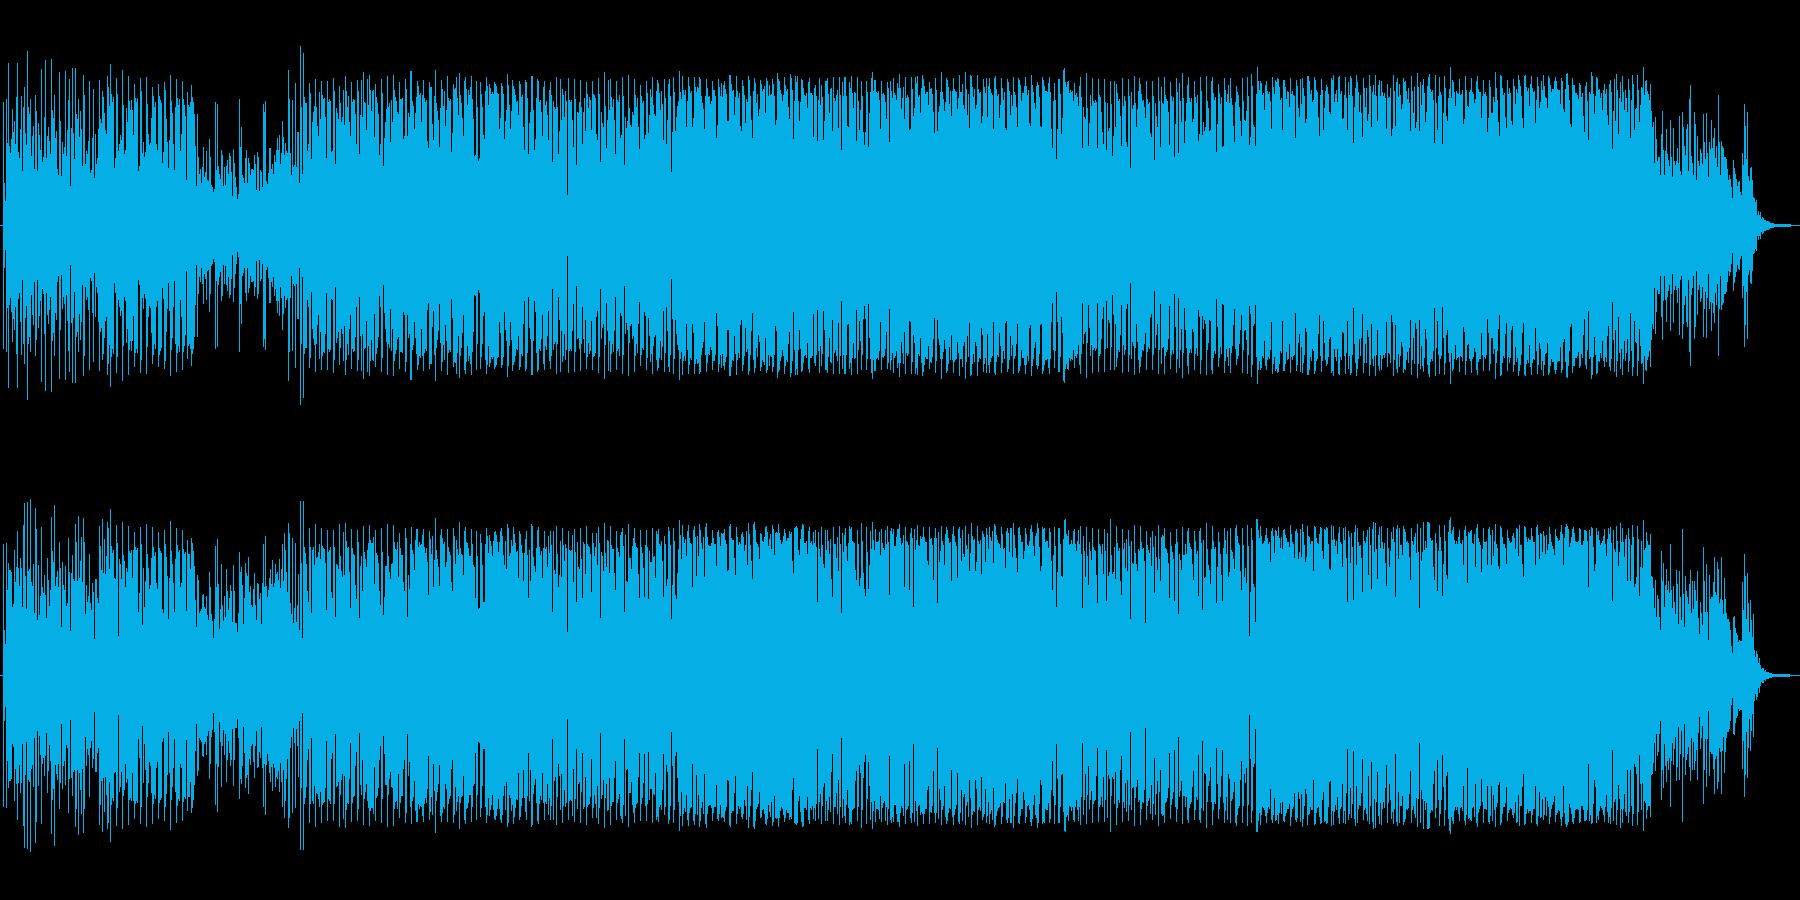 オープニング向きトロピカルピアノハウスの再生済みの波形